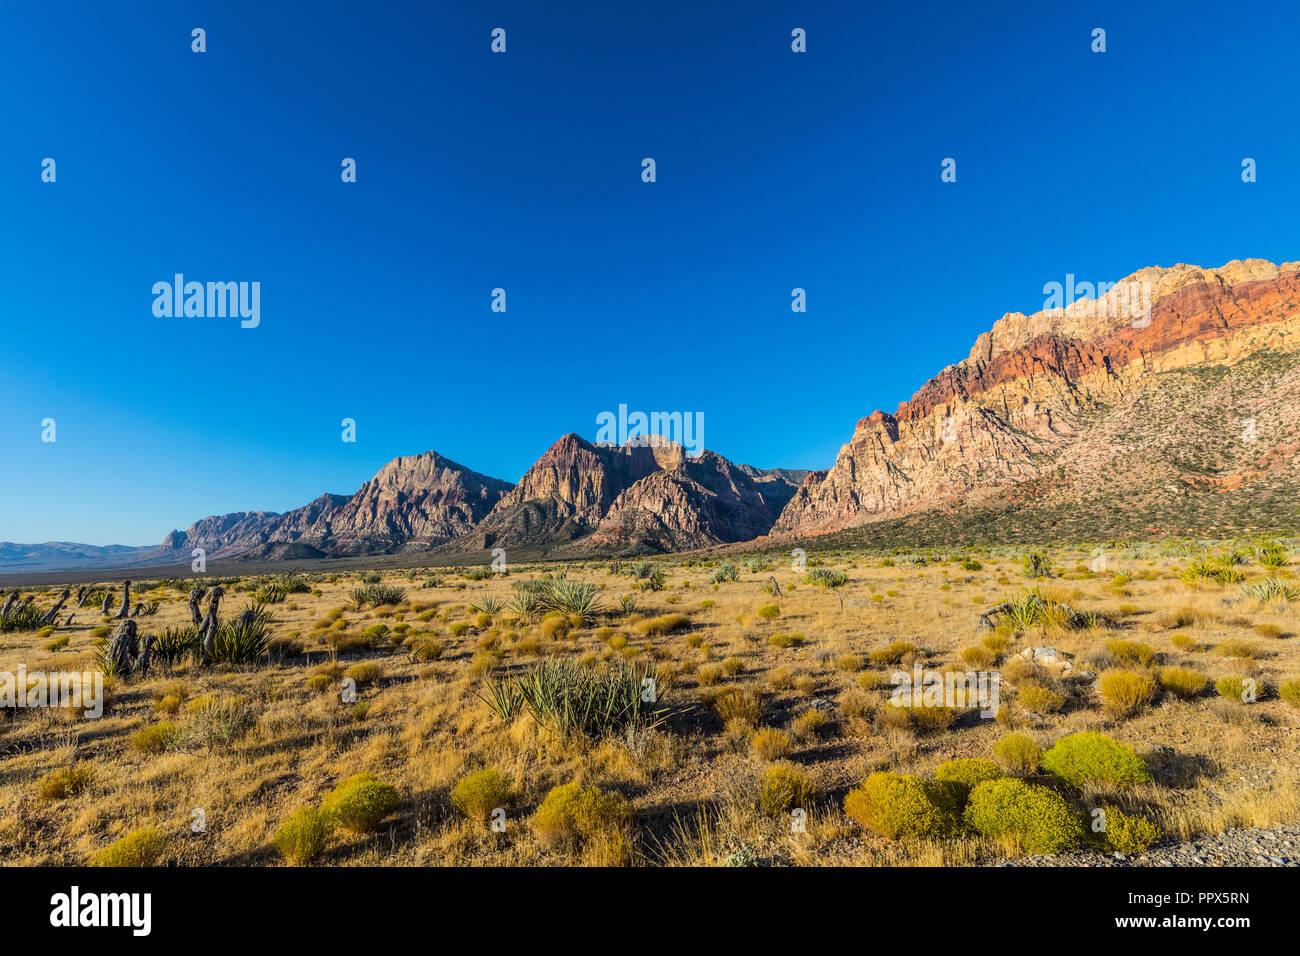 El Red Rock Canyon justo al oeste de Las Vegas, Nevada, EE.UU. Foto de stock